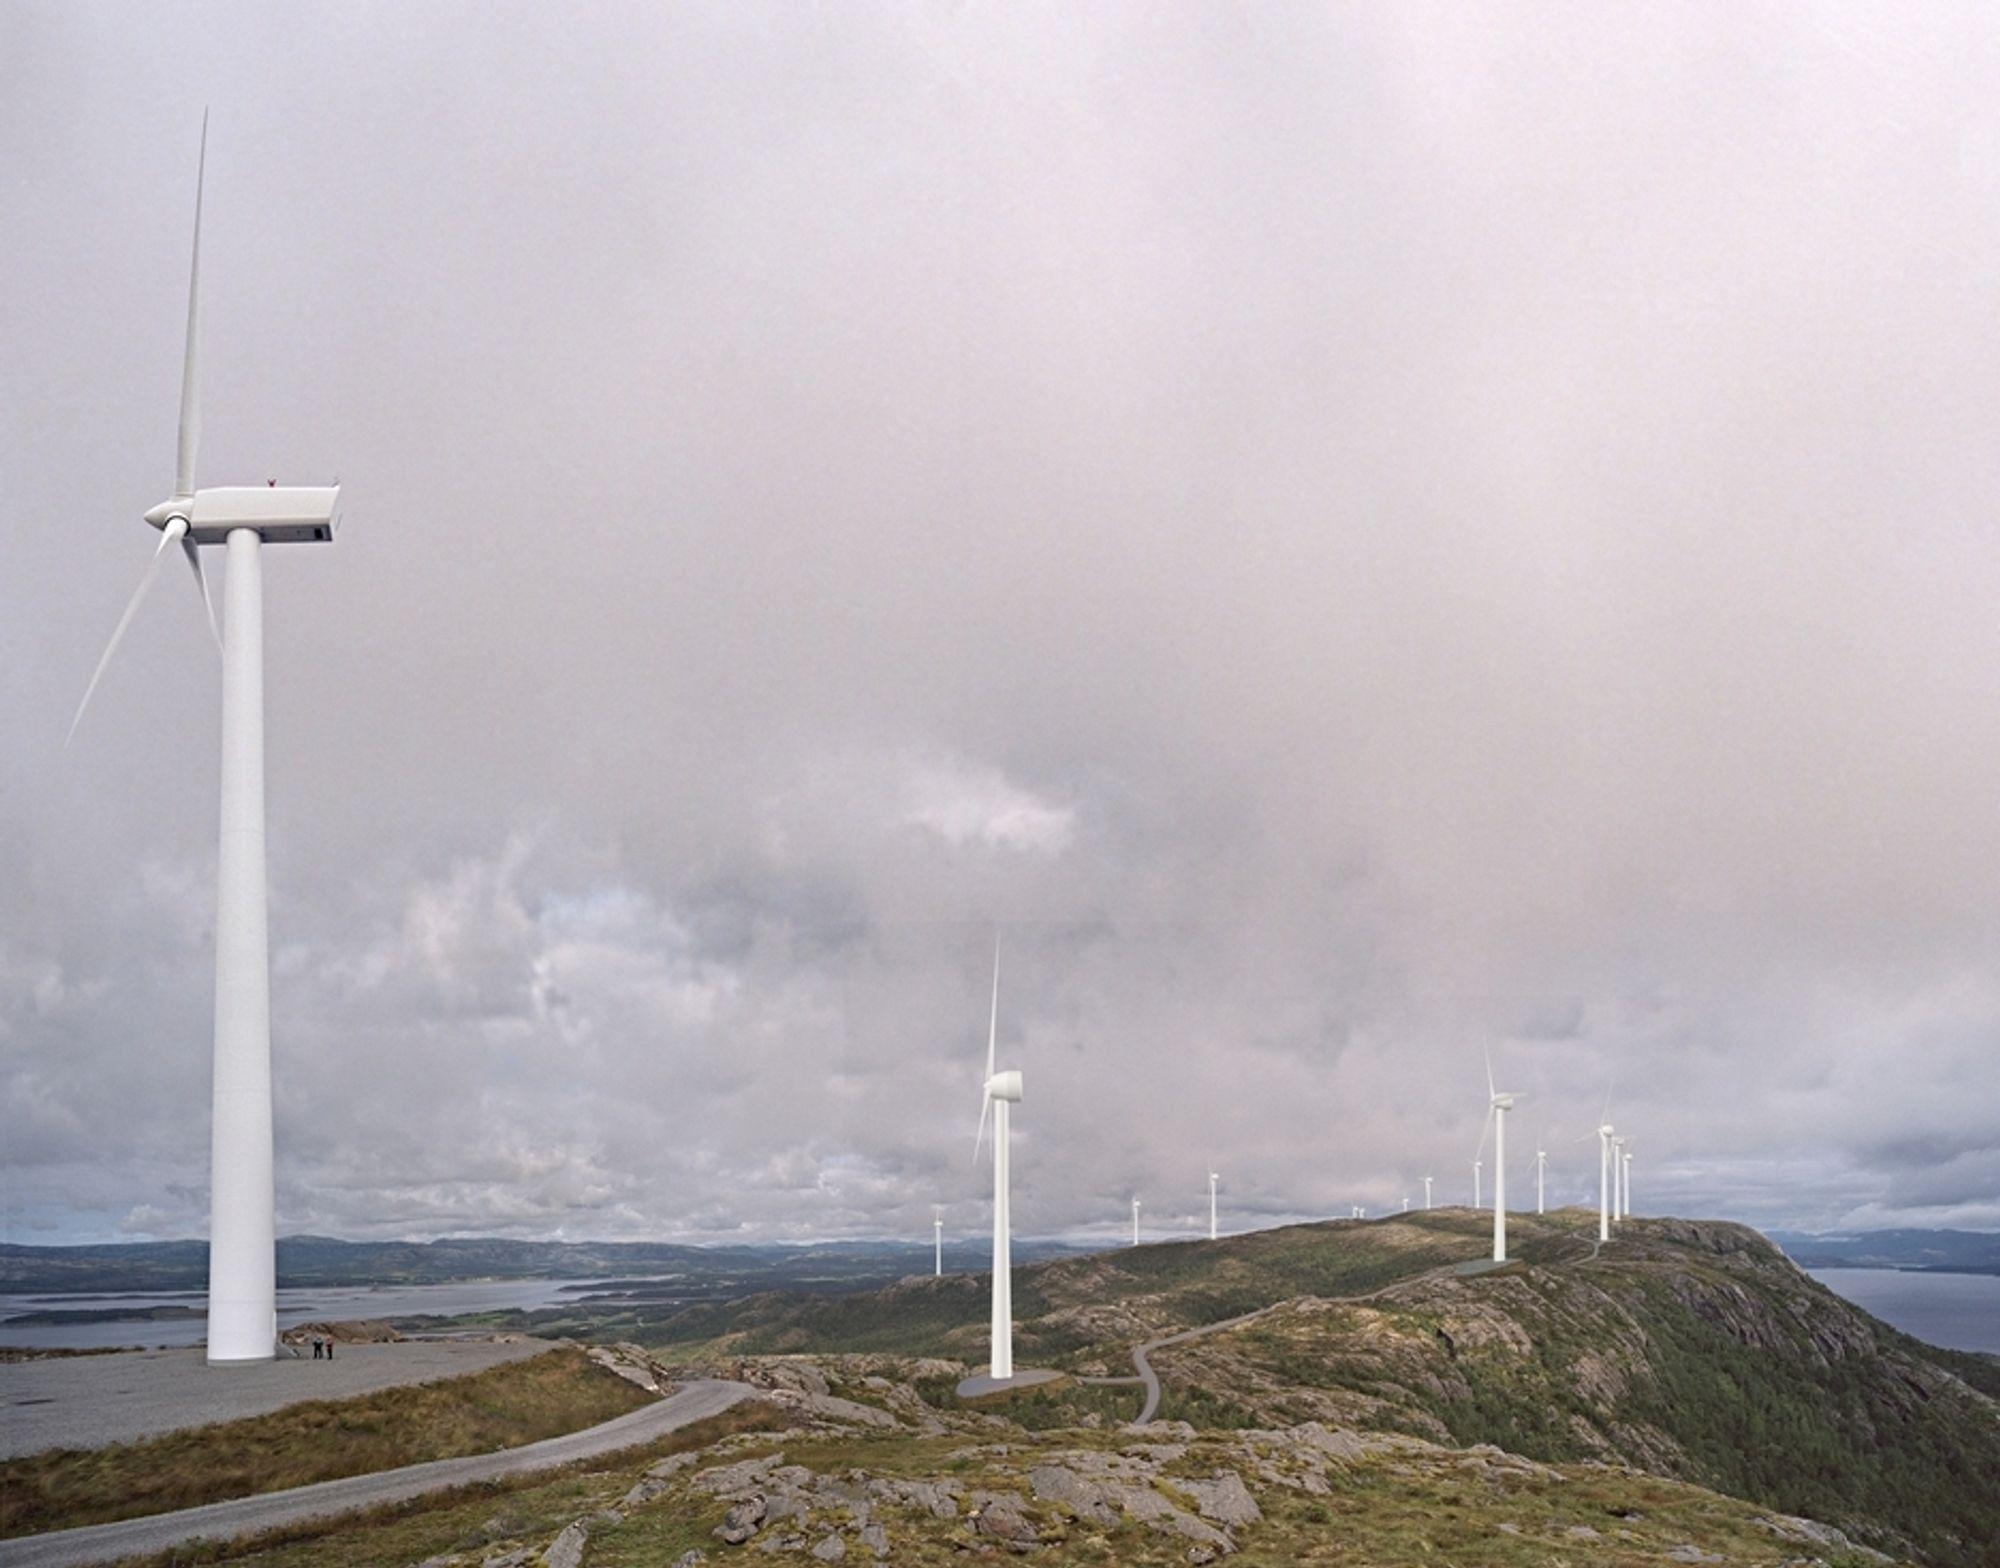 På Hundhammerfjellet står det allerde flere vindturbiner. Nå kan kraftverket få nye naboer i Ytre Vikna.